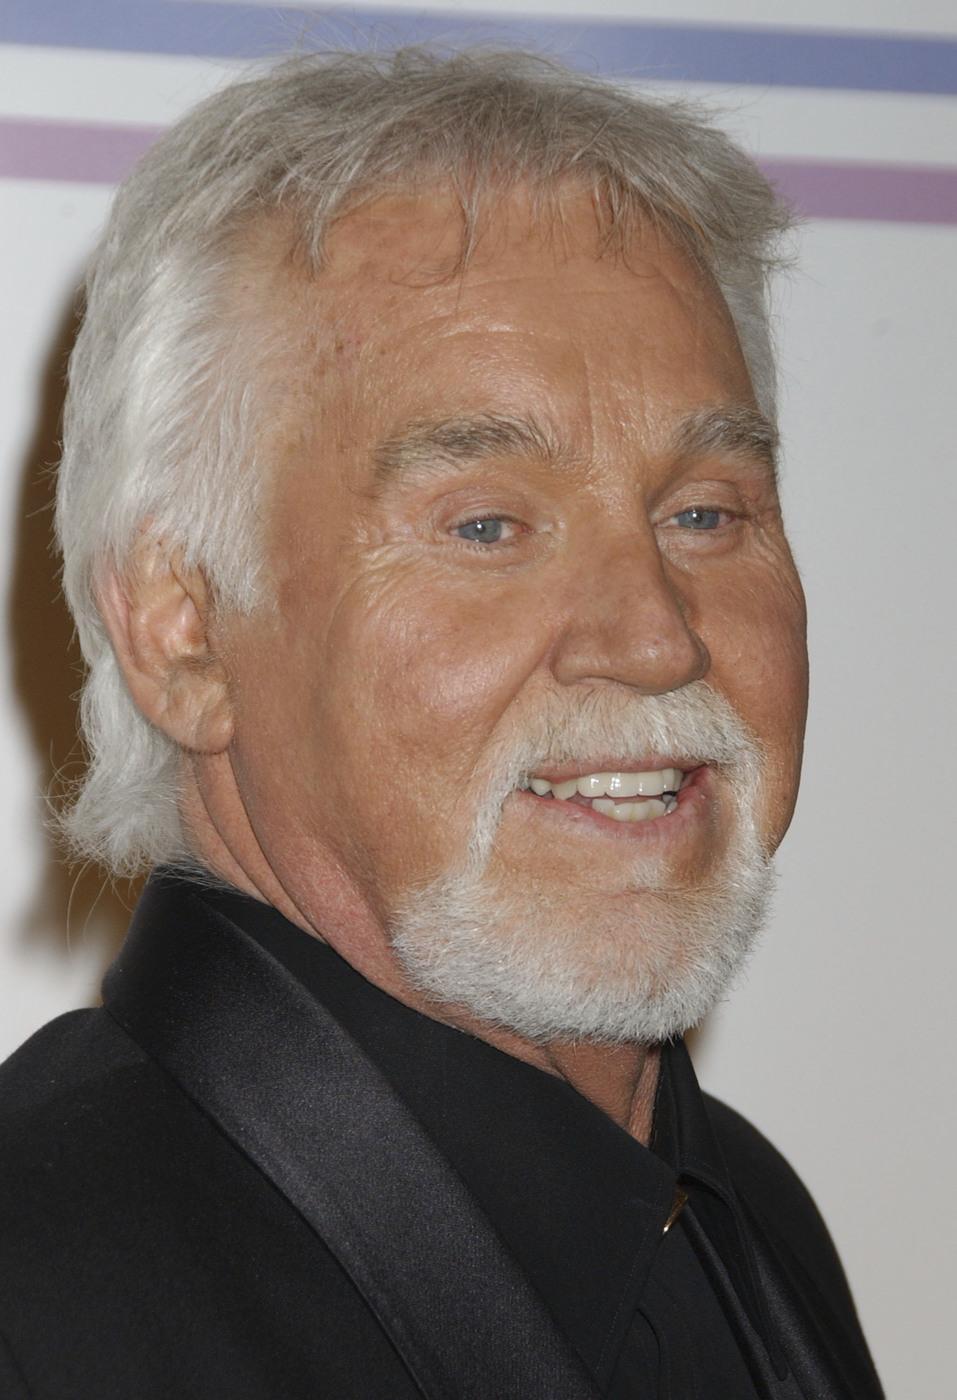 Si è spento a 81 anni Kenny Rogers, icona della musica country